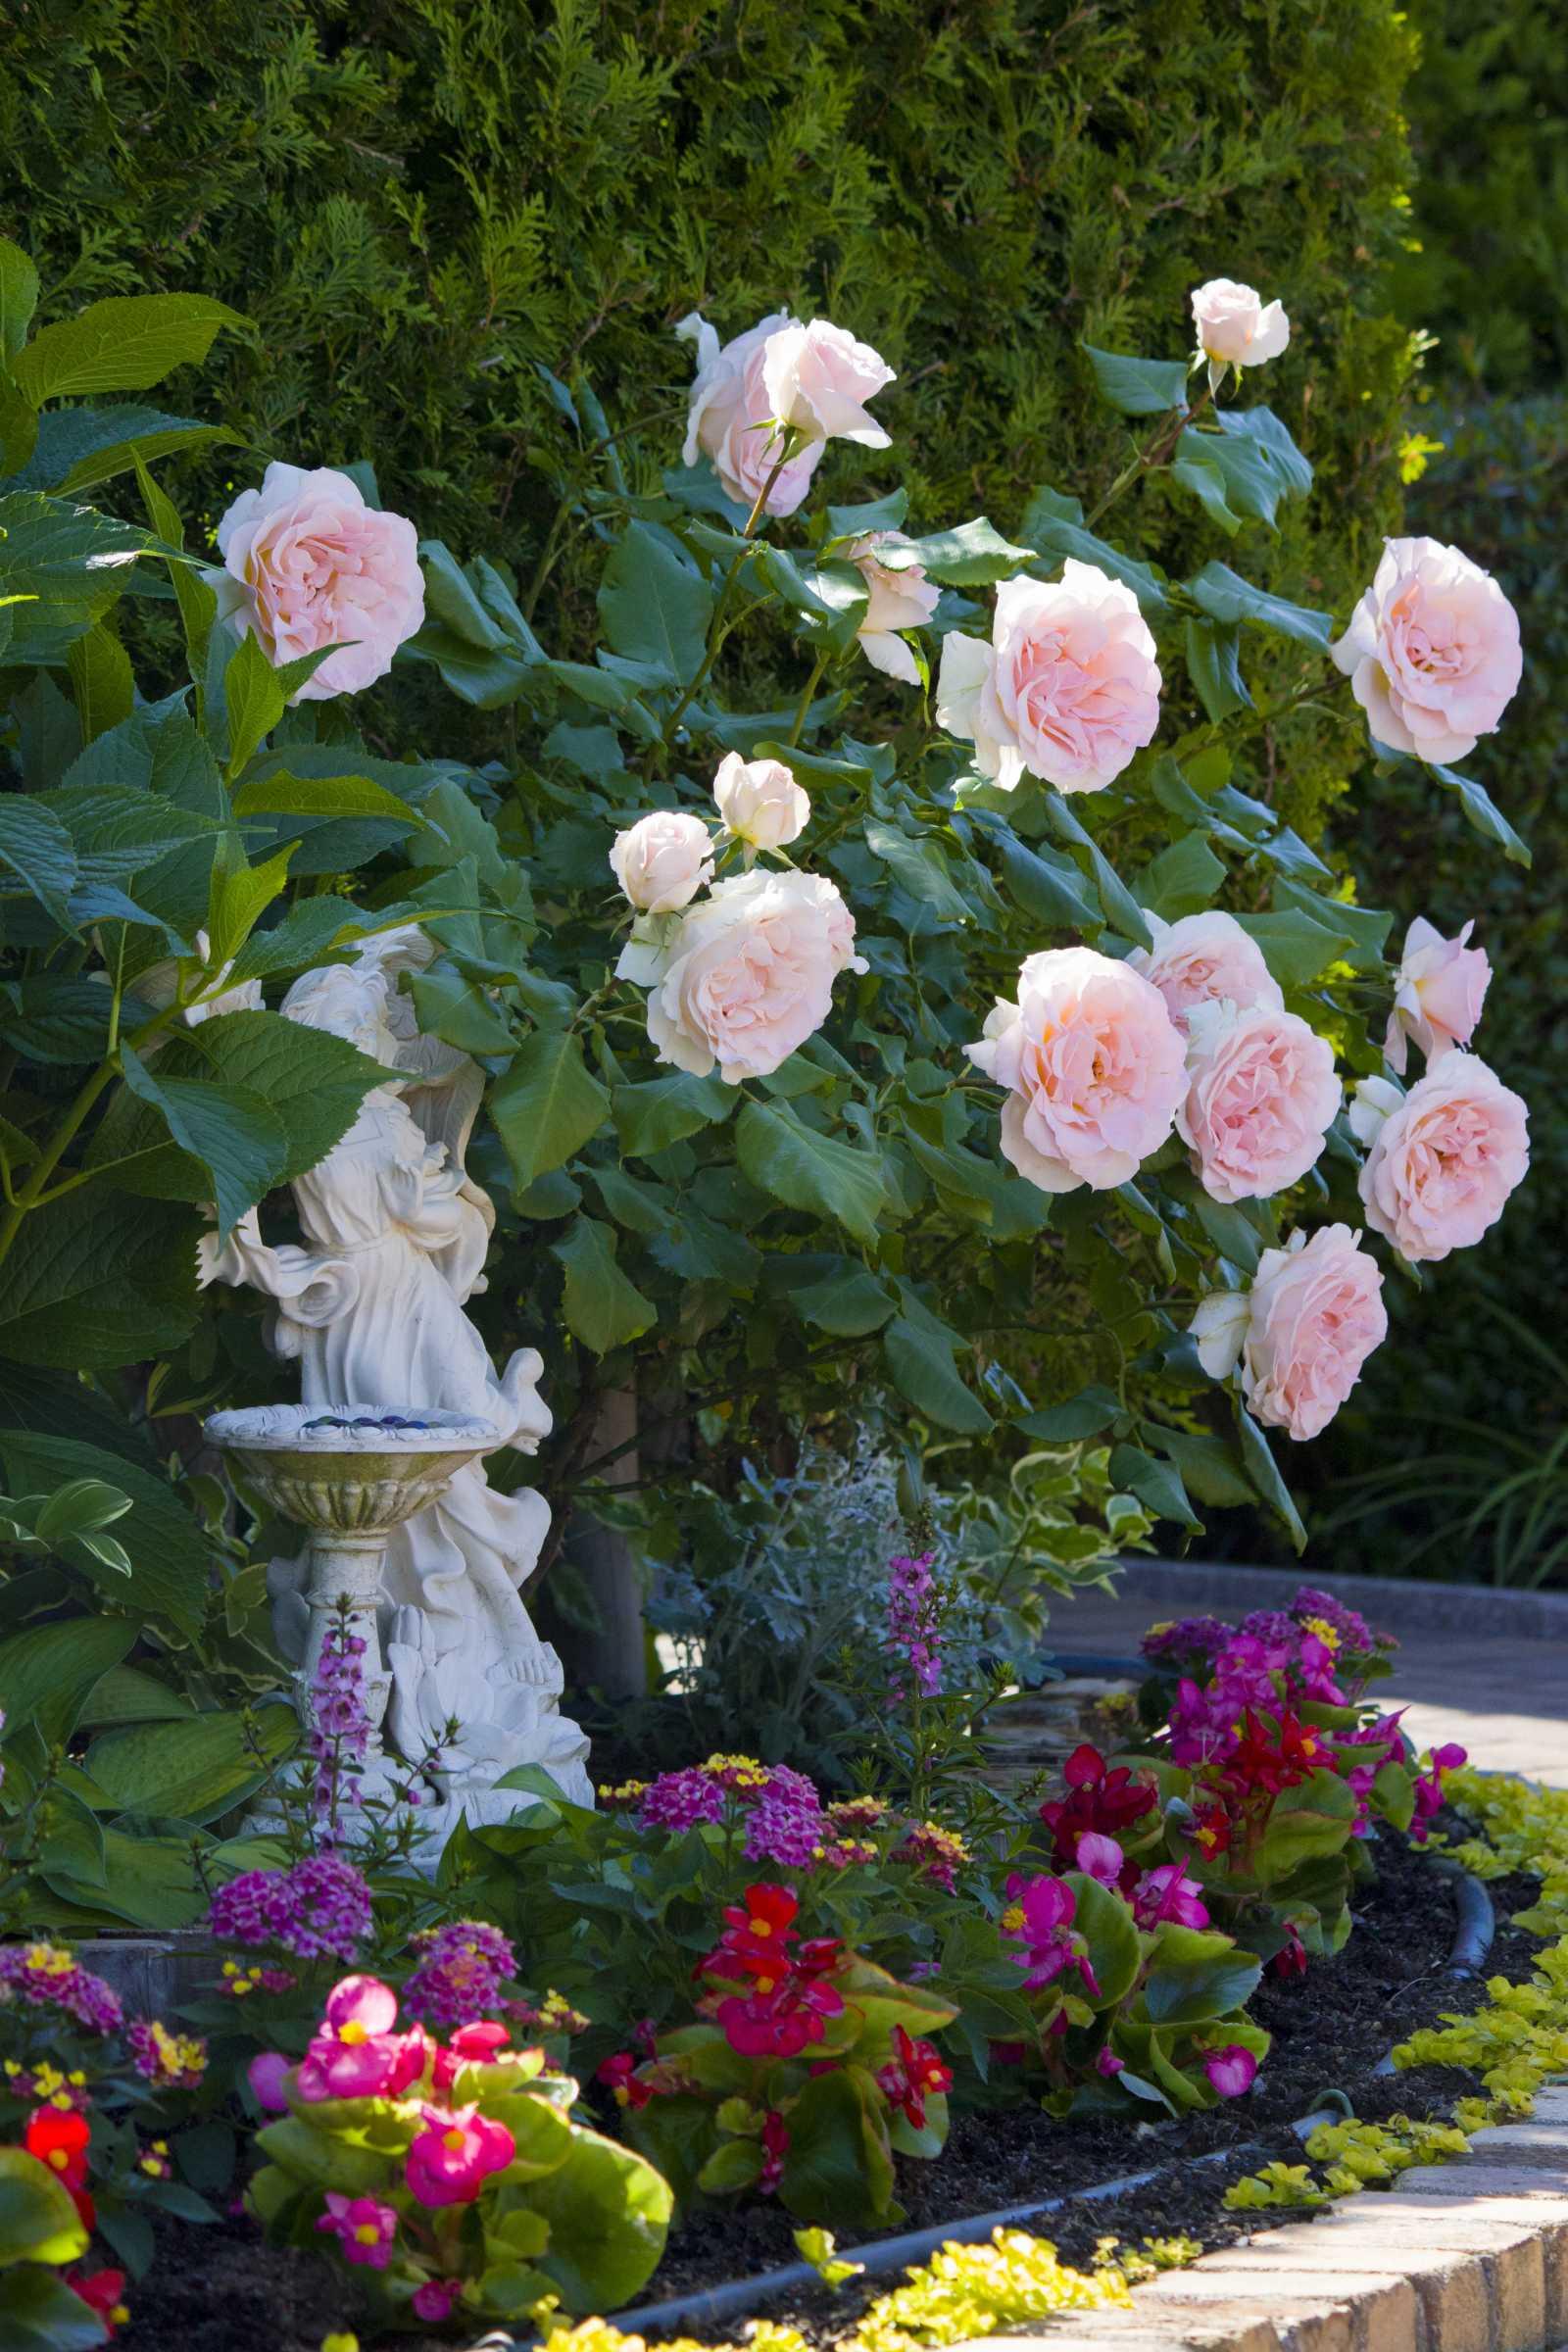 花と緑に囲まれた公園墓地 エンゼルパーク